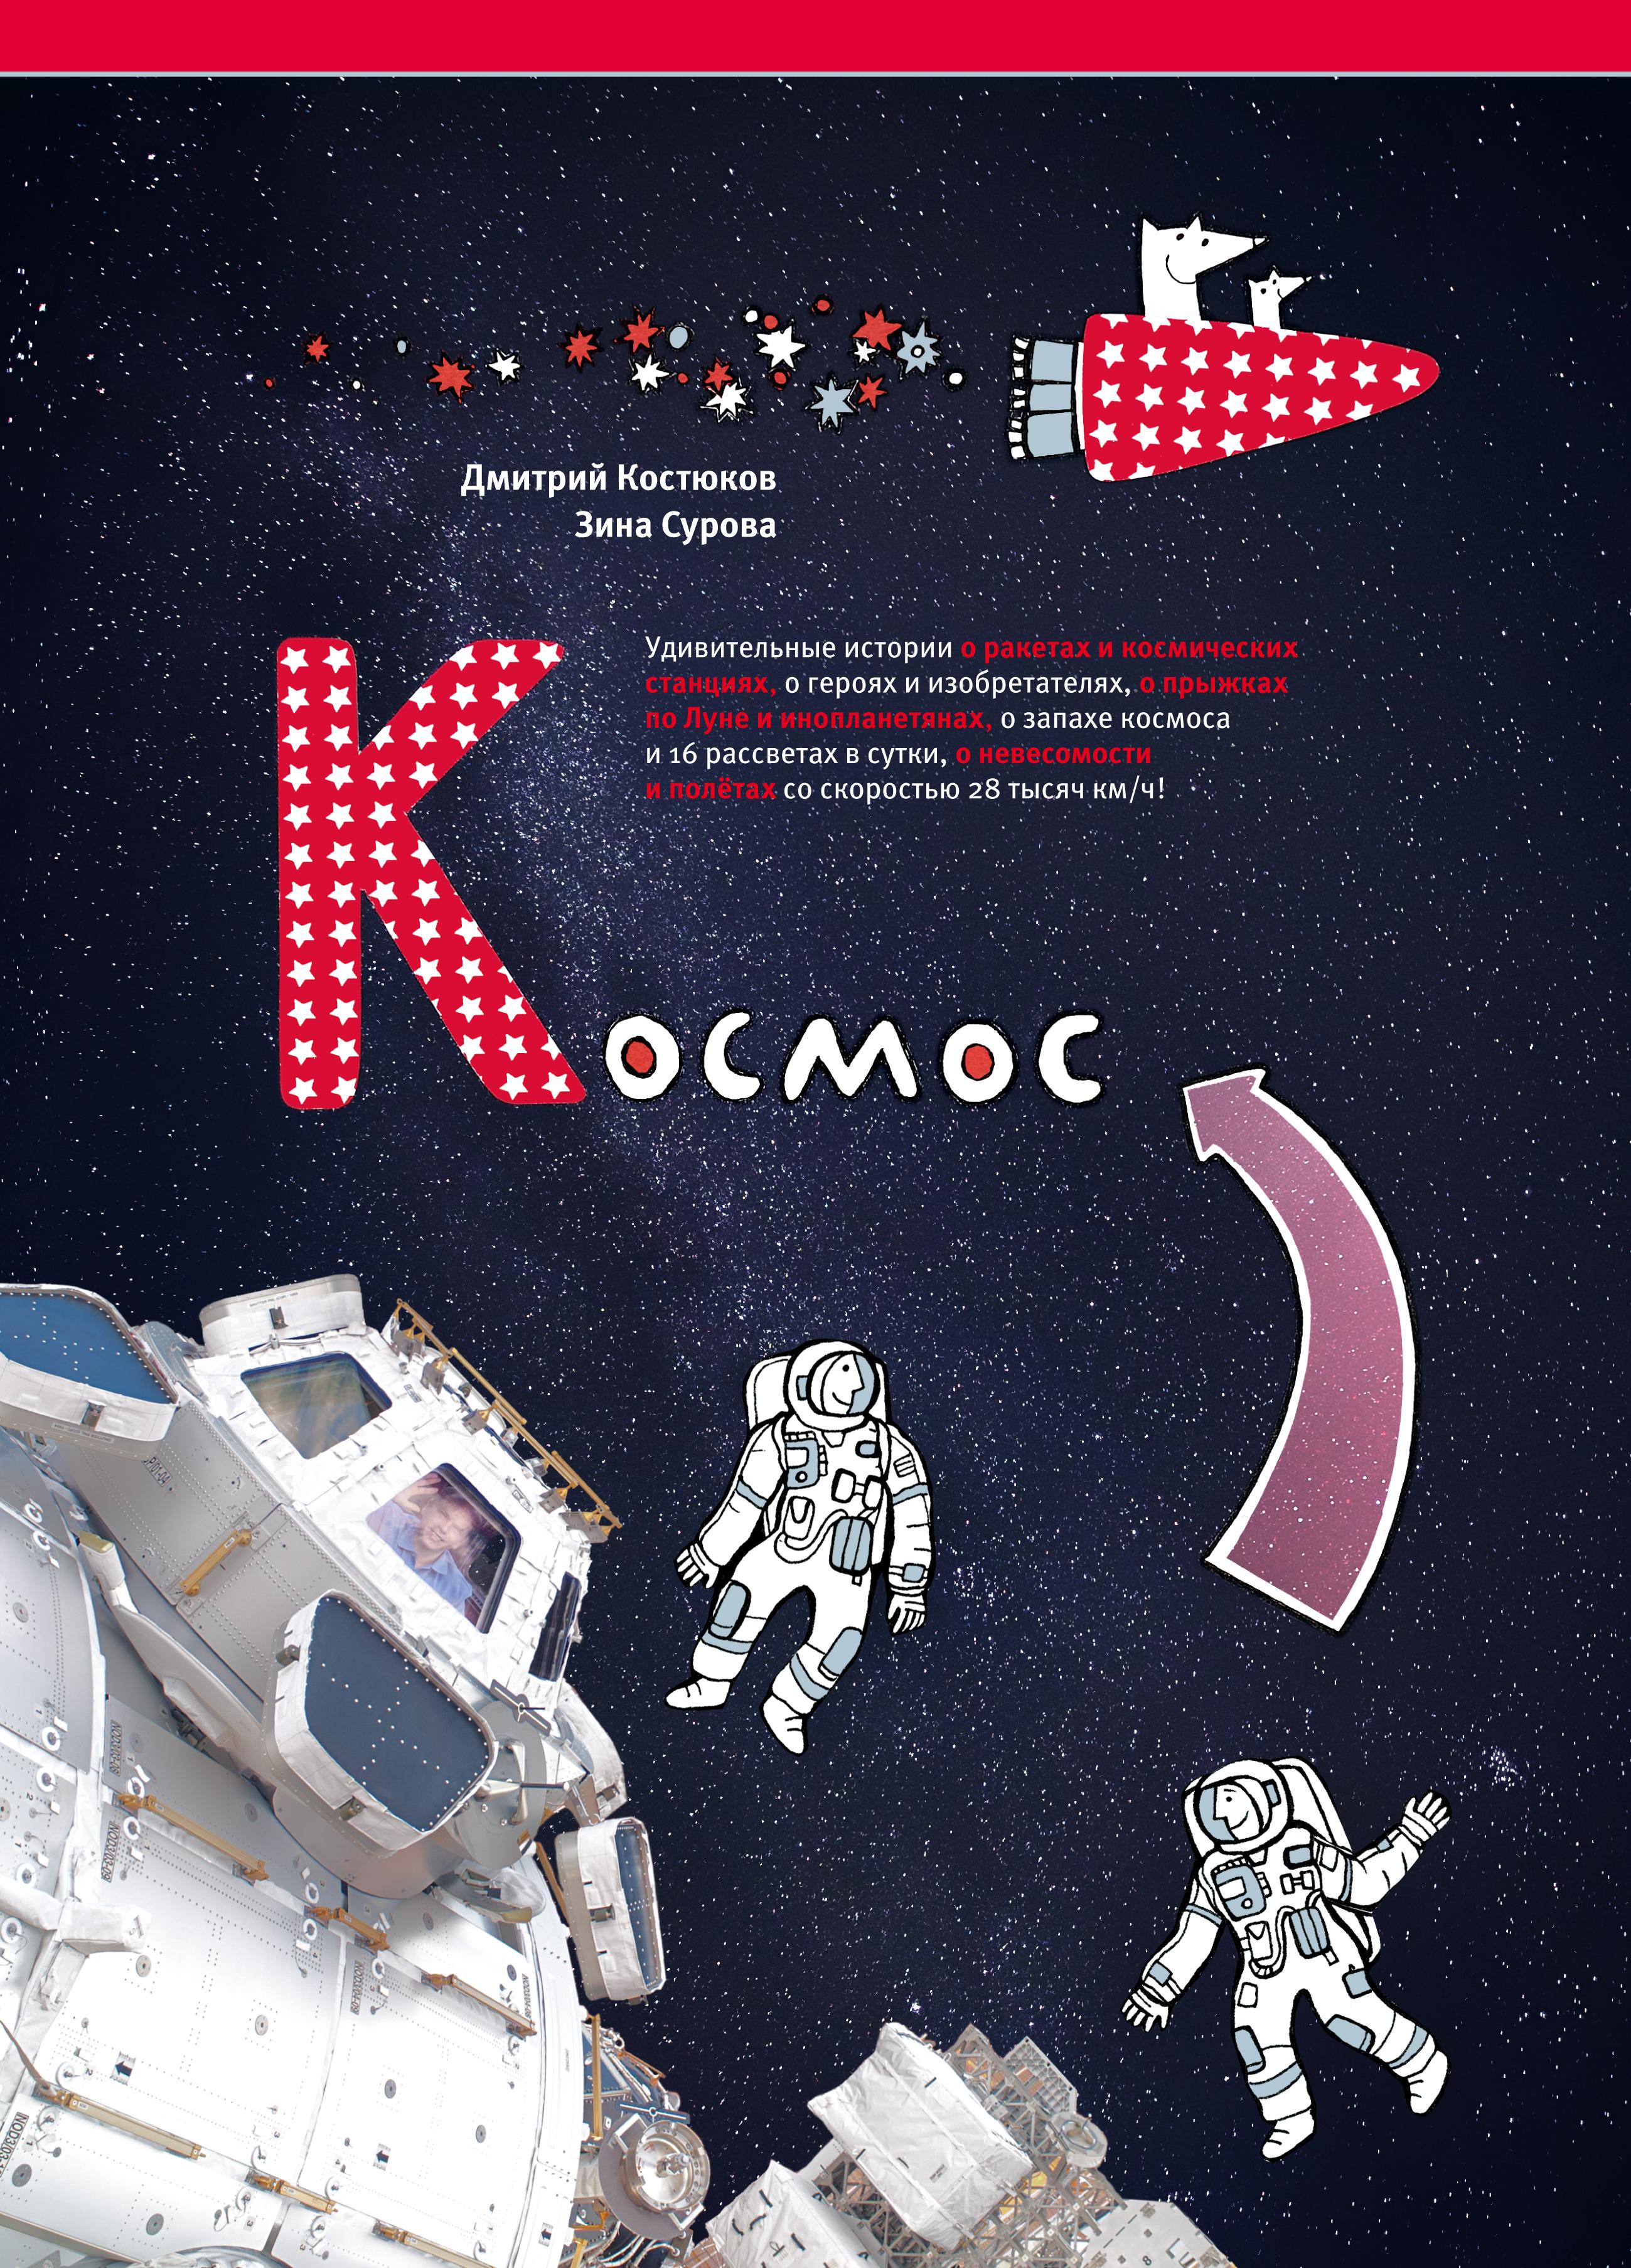 Костюков Д.; Сурова З. Космос первов м рассказы о русских ракетах книга 1